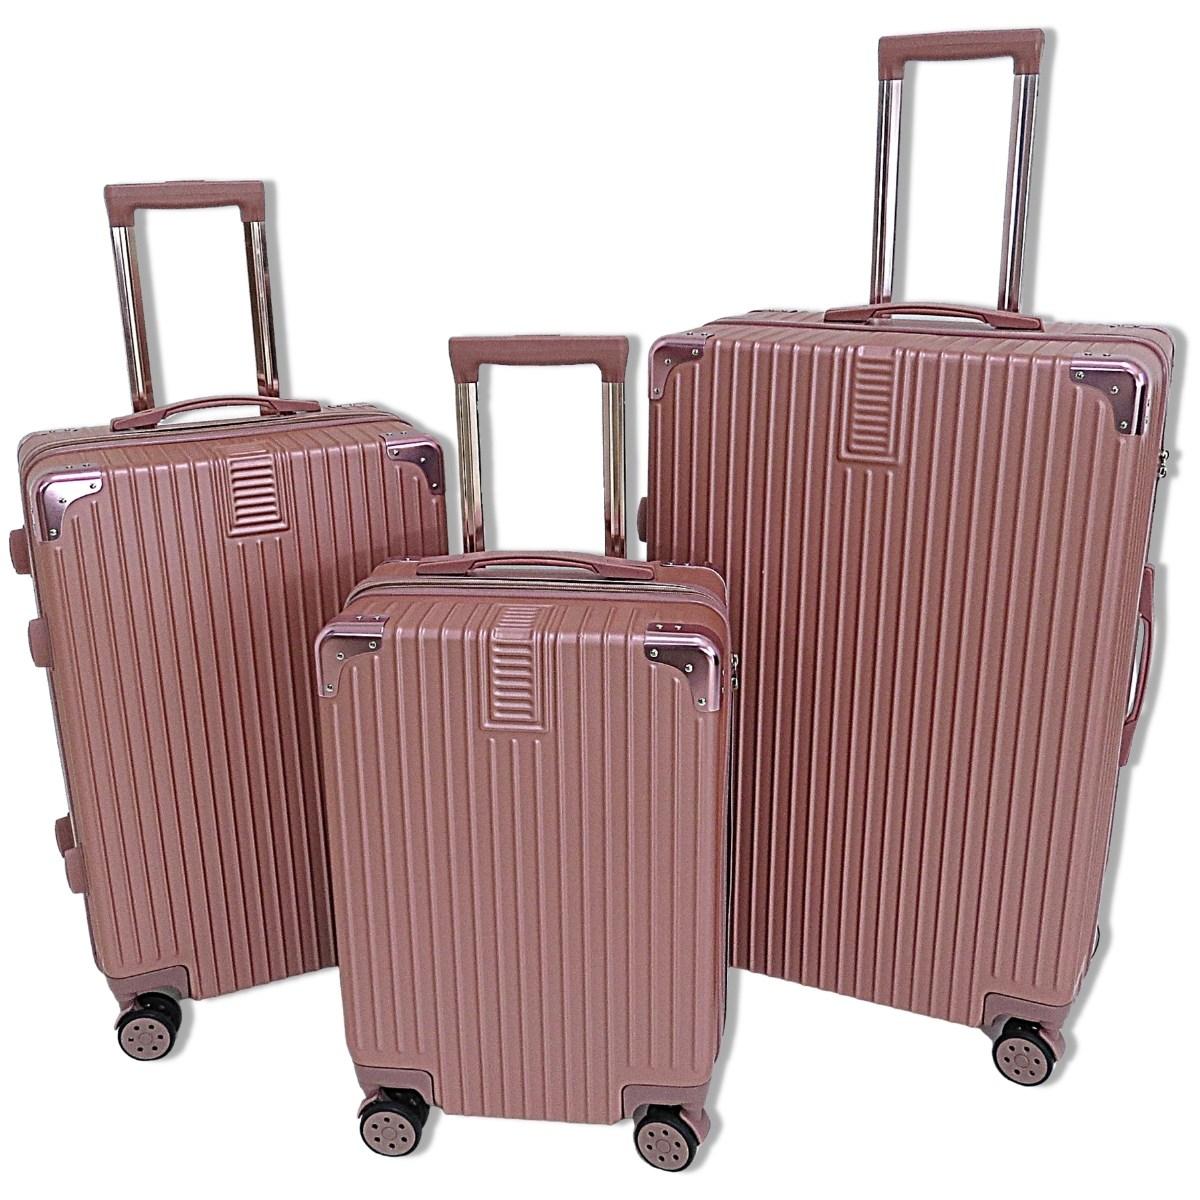 Kit com 3 Malas de Viagem P, M e G com Rodas Duplas e Cadeado Embutido - Nova Iorque